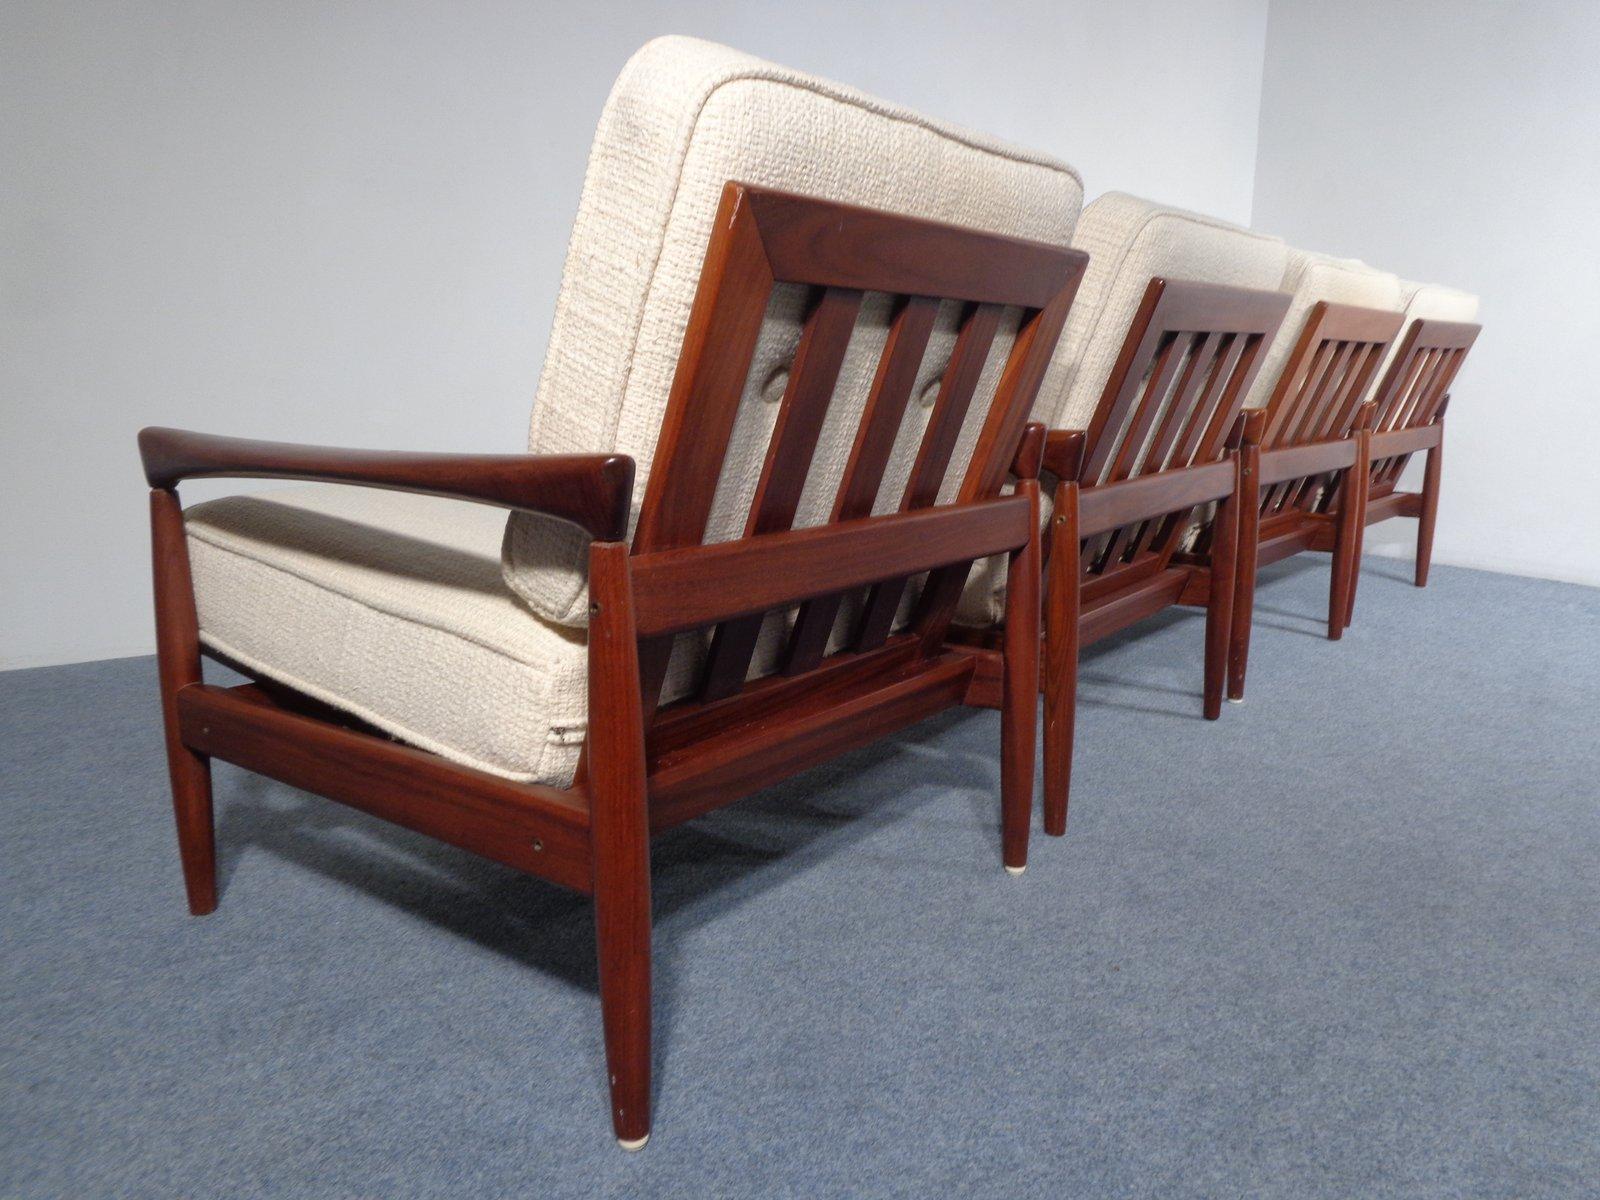 schwedischer teakholz lounge stuhl von erik w rtz f r br derna andersson 1960er bei pamono kaufen. Black Bedroom Furniture Sets. Home Design Ideas